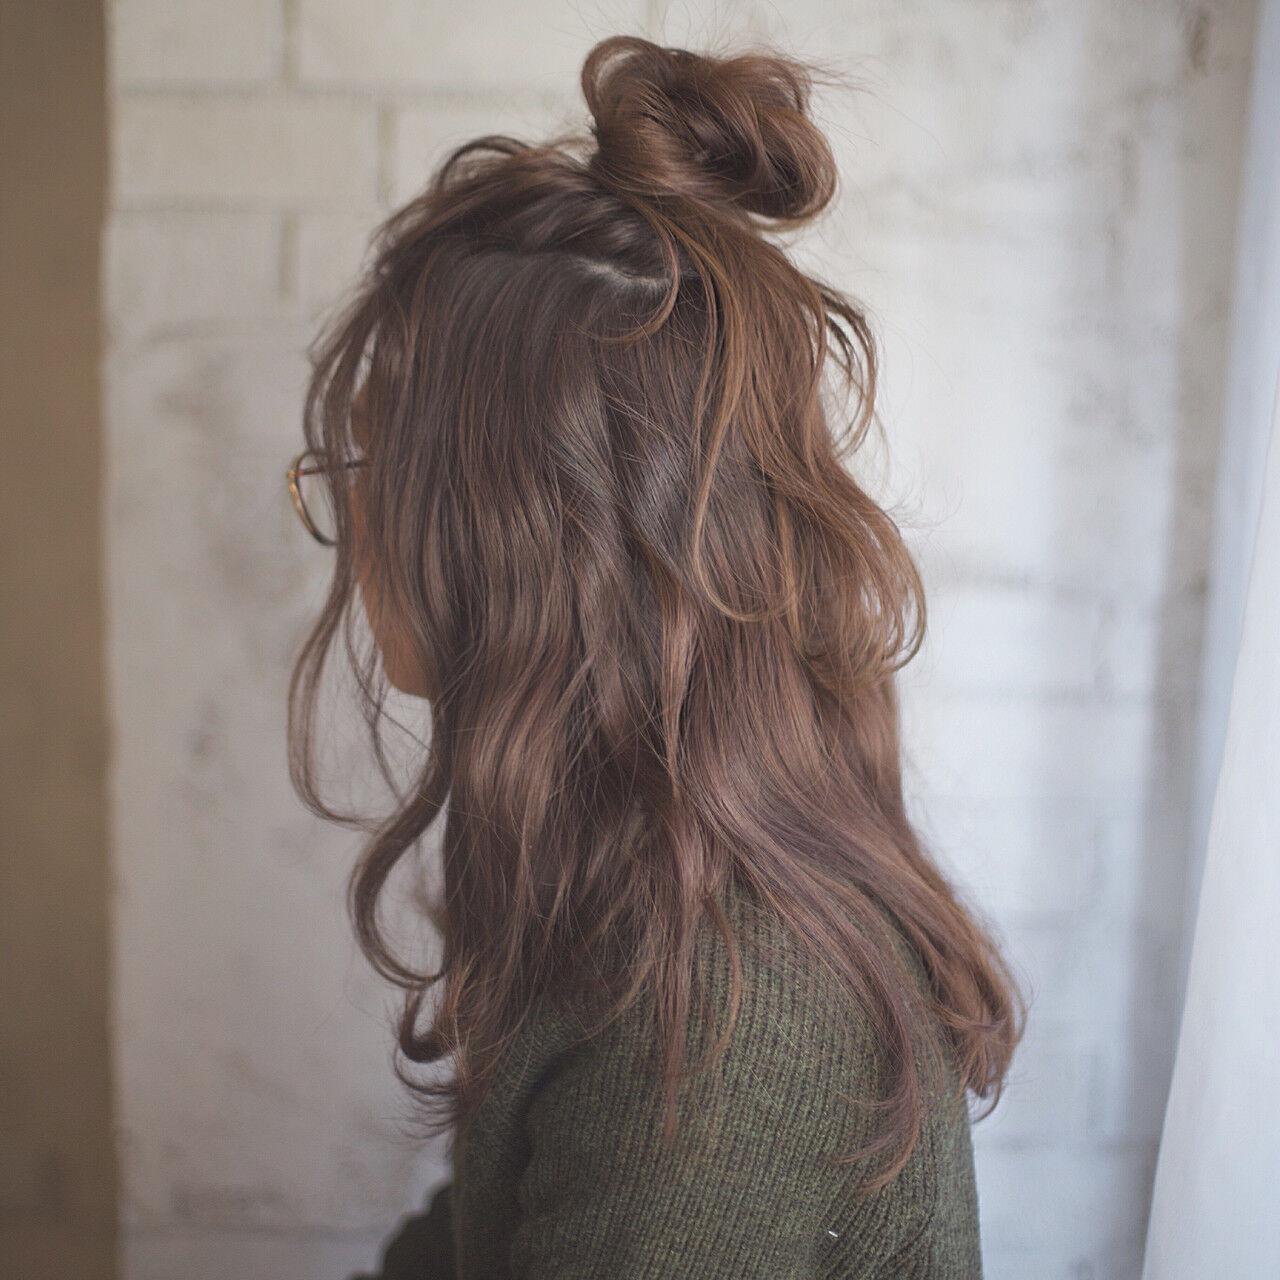 ハーフアップ ゆるふわ 大人女子 簡単ヘアアレンジヘアスタイルや髪型の写真・画像